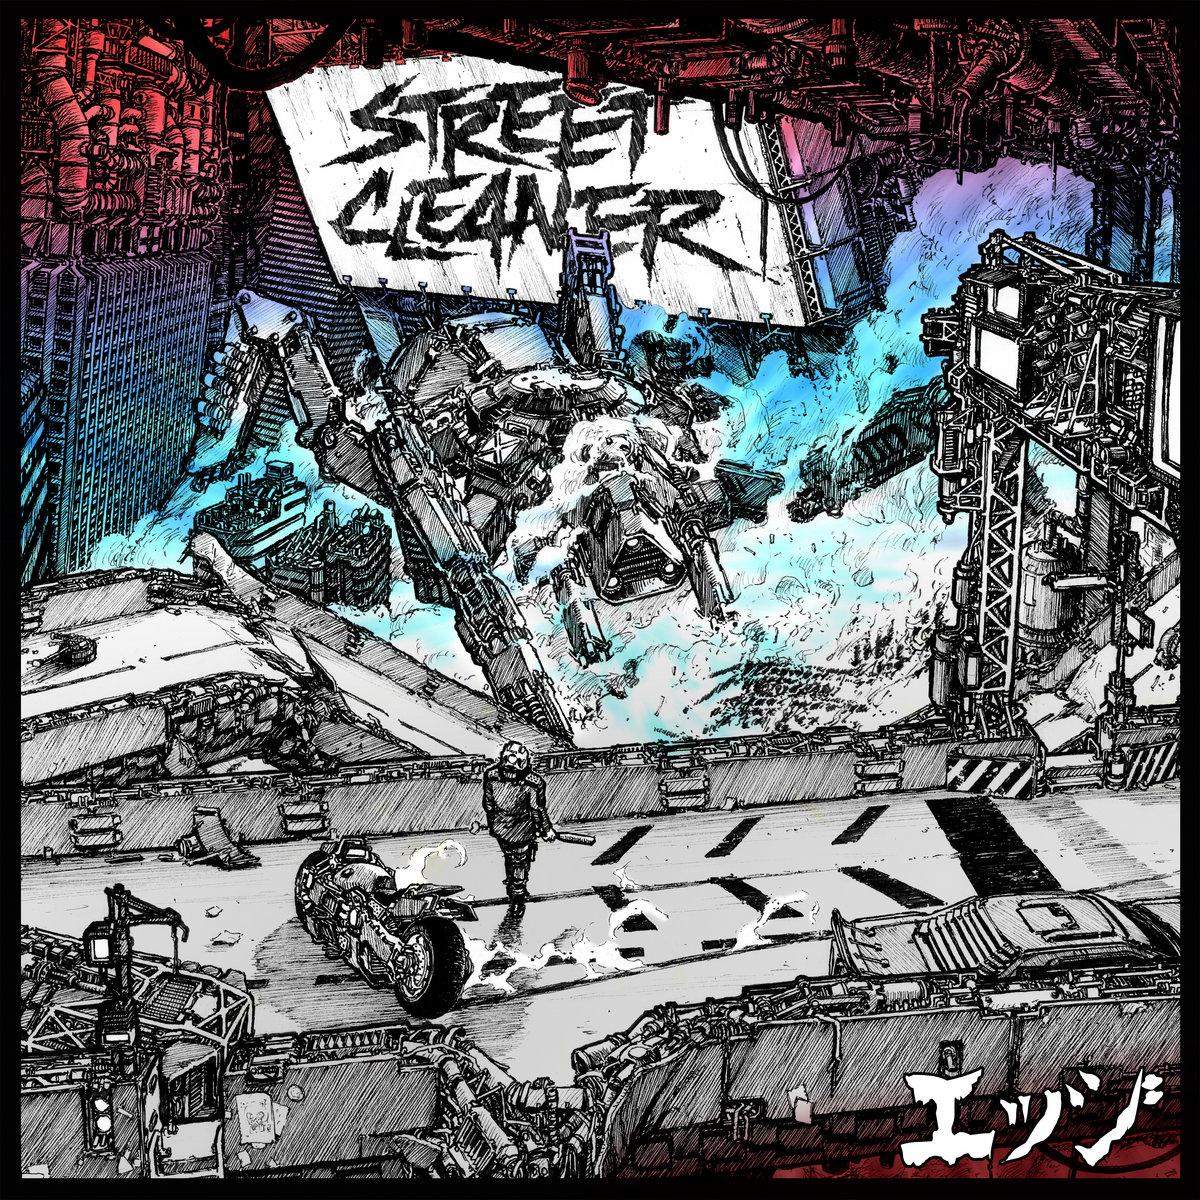 Street Cleaner EDGE